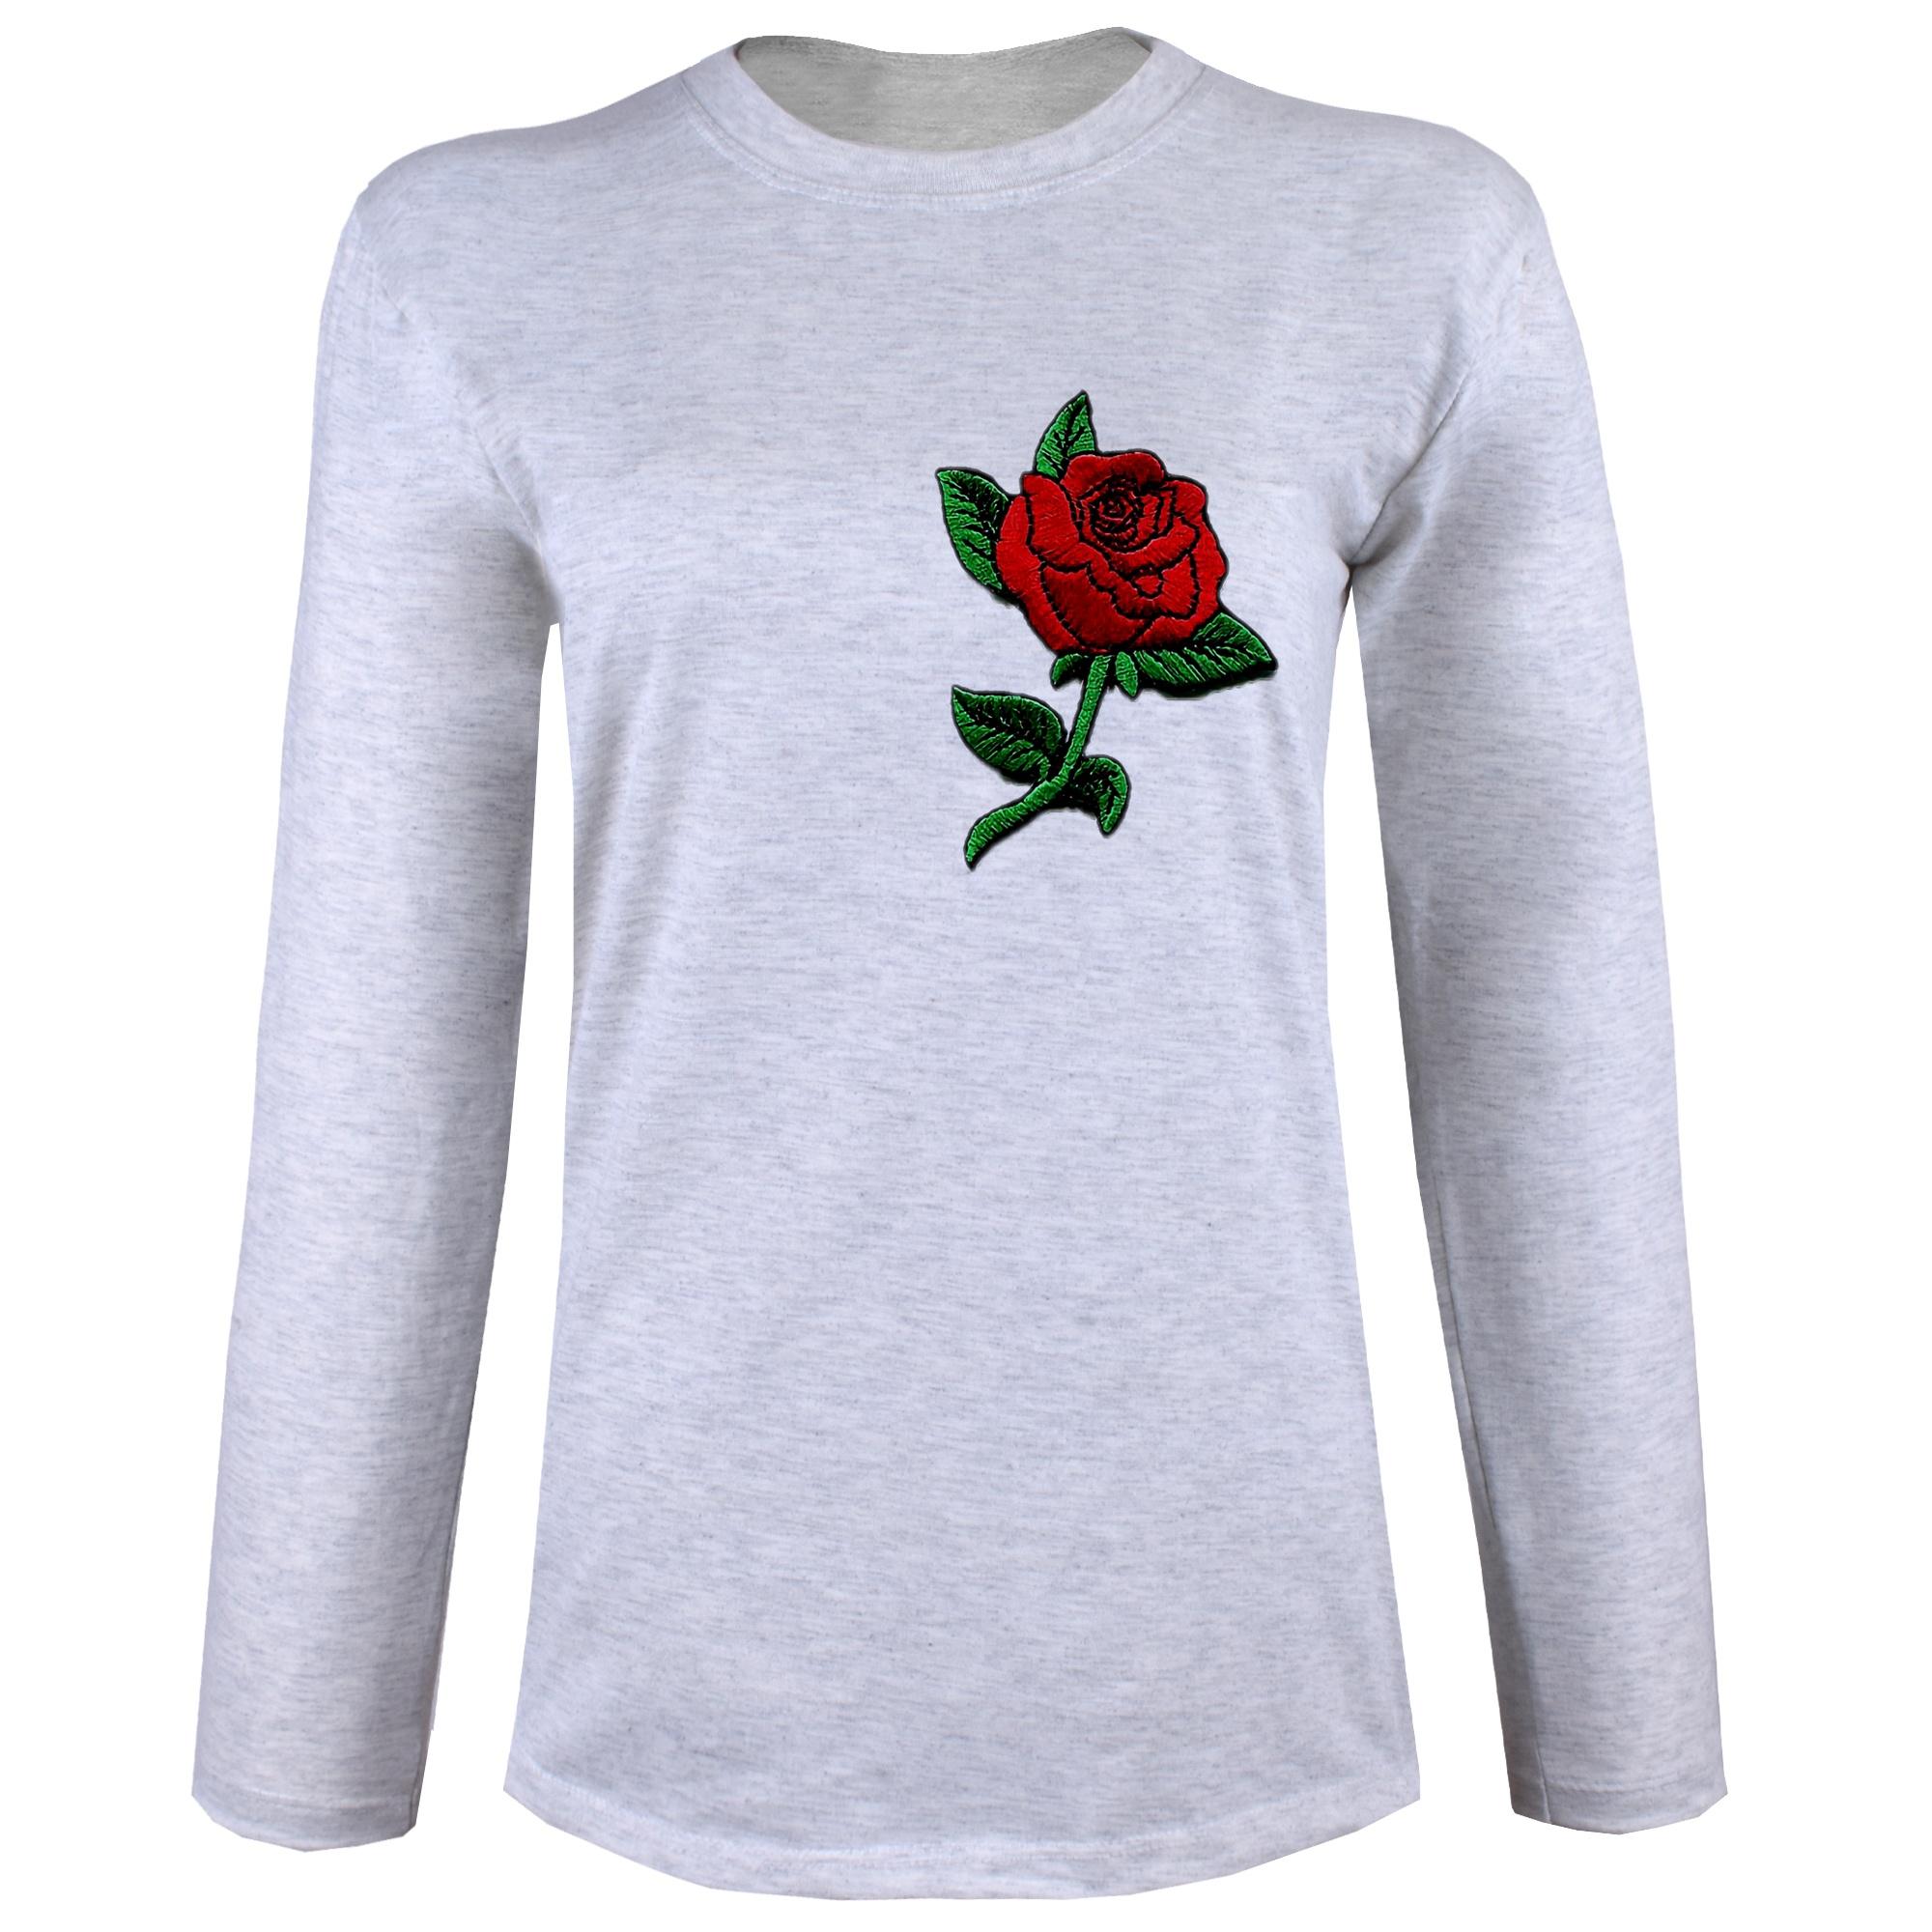 تی شرت  آستین بلند زنانه  طرح گل رز کد B69